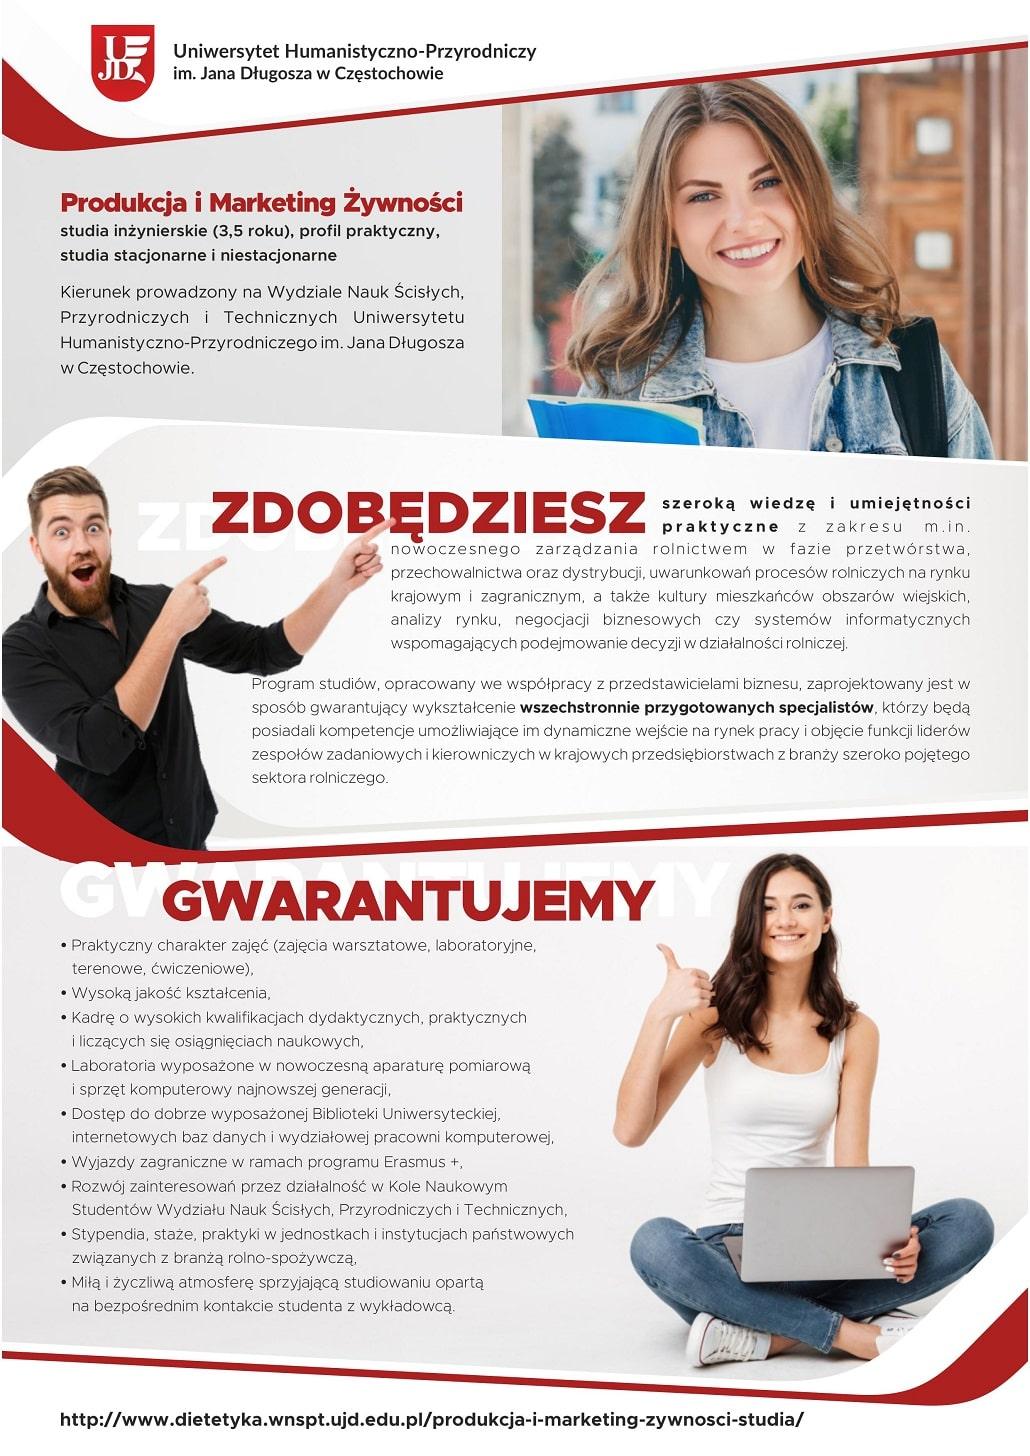 Nowy kierunek studiów